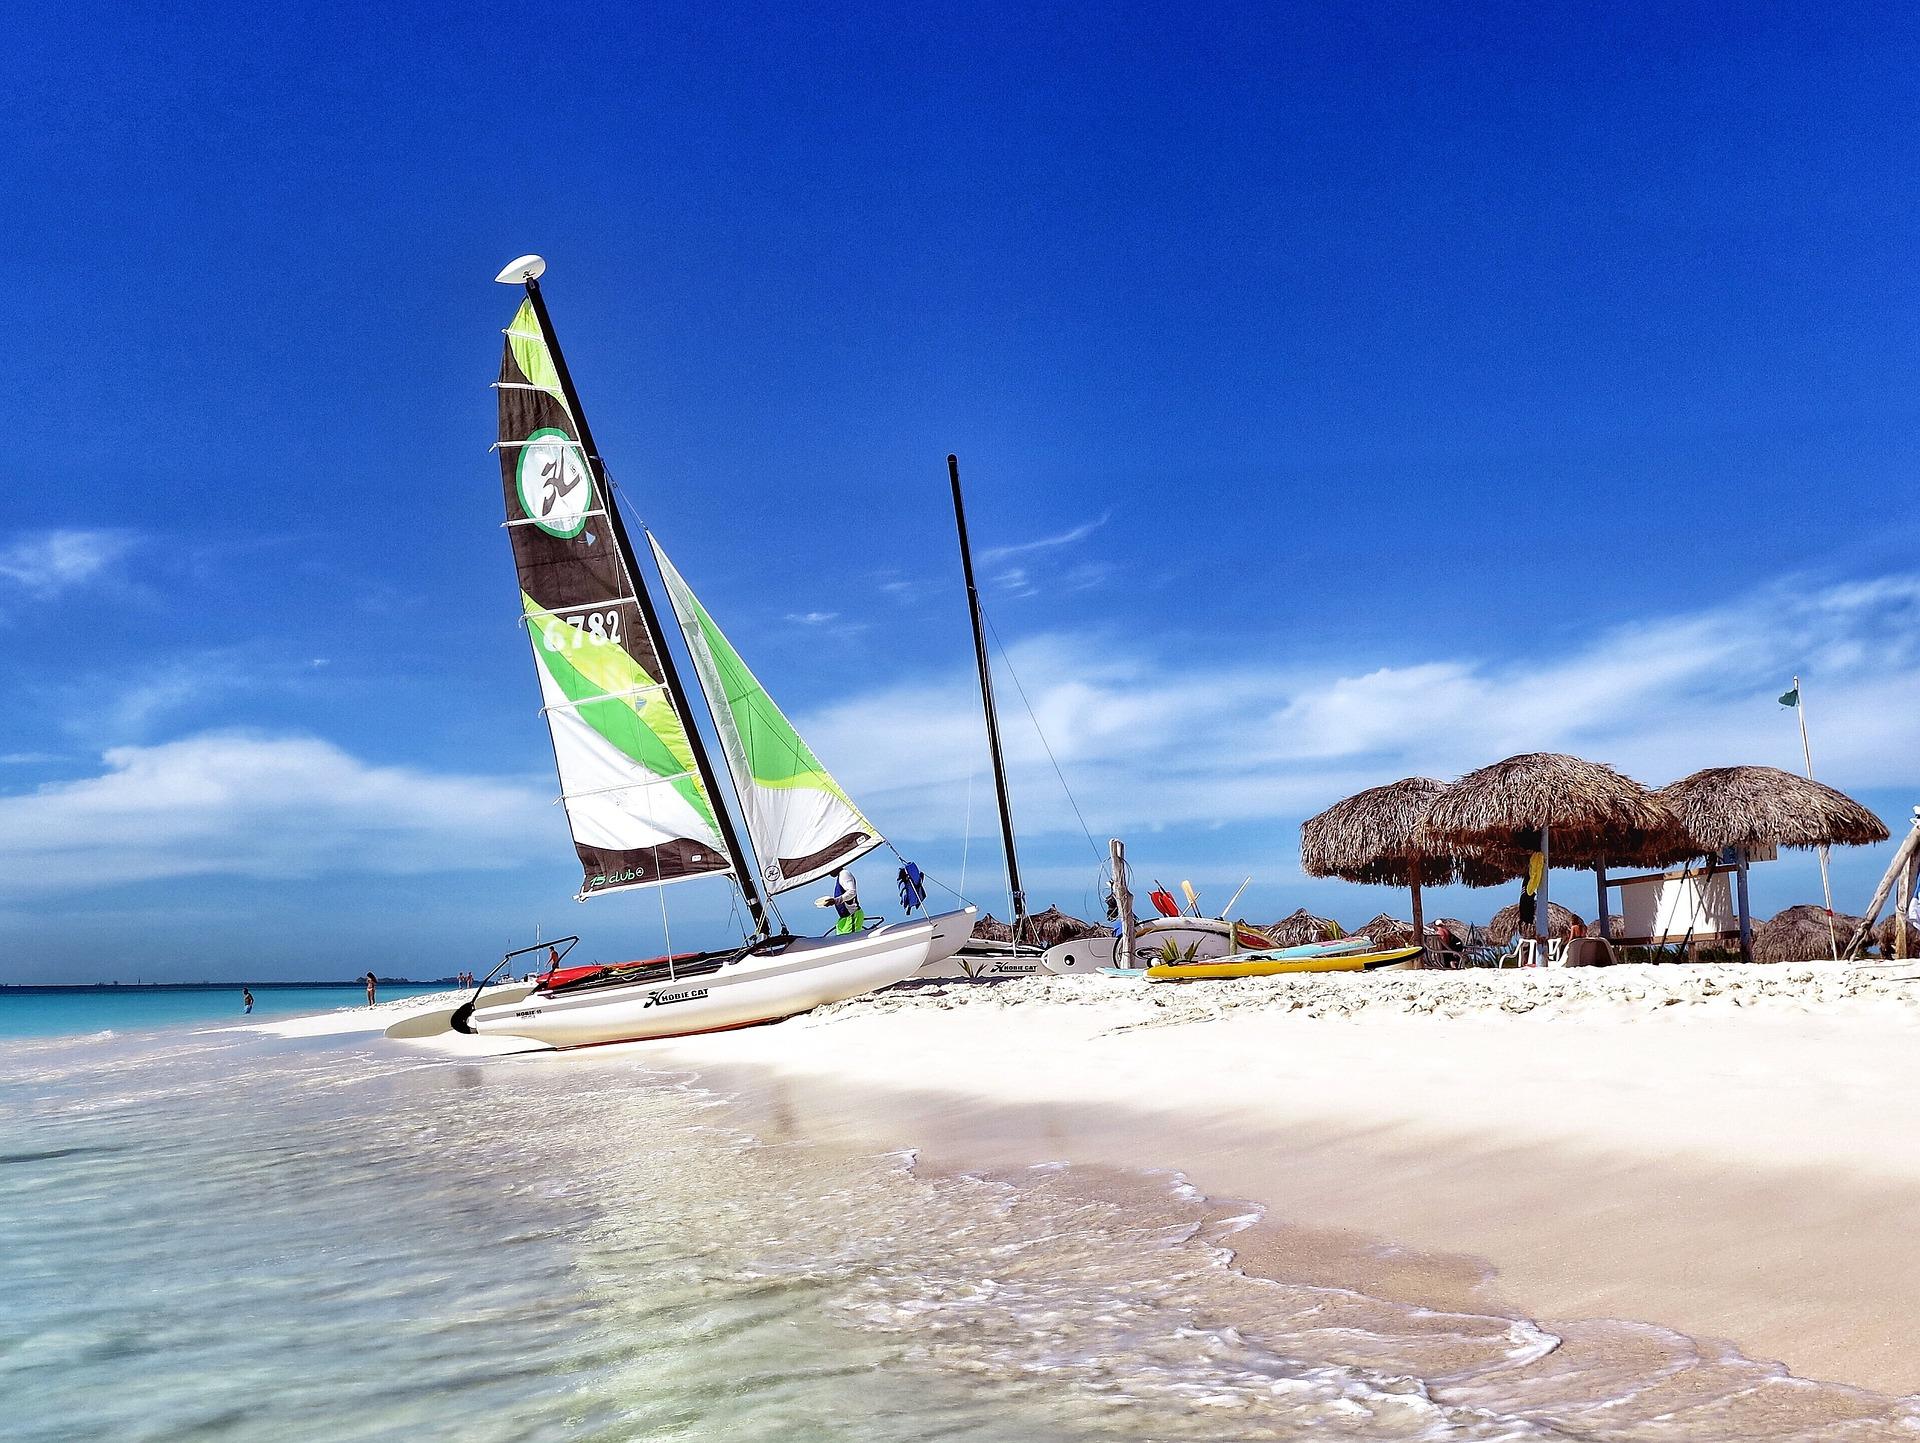 Strand Kuba, Karibisches Meer die günstigsten Deals All Inclusive Urlaub eine Woche ab 679,00€ - Varadero all inklusive